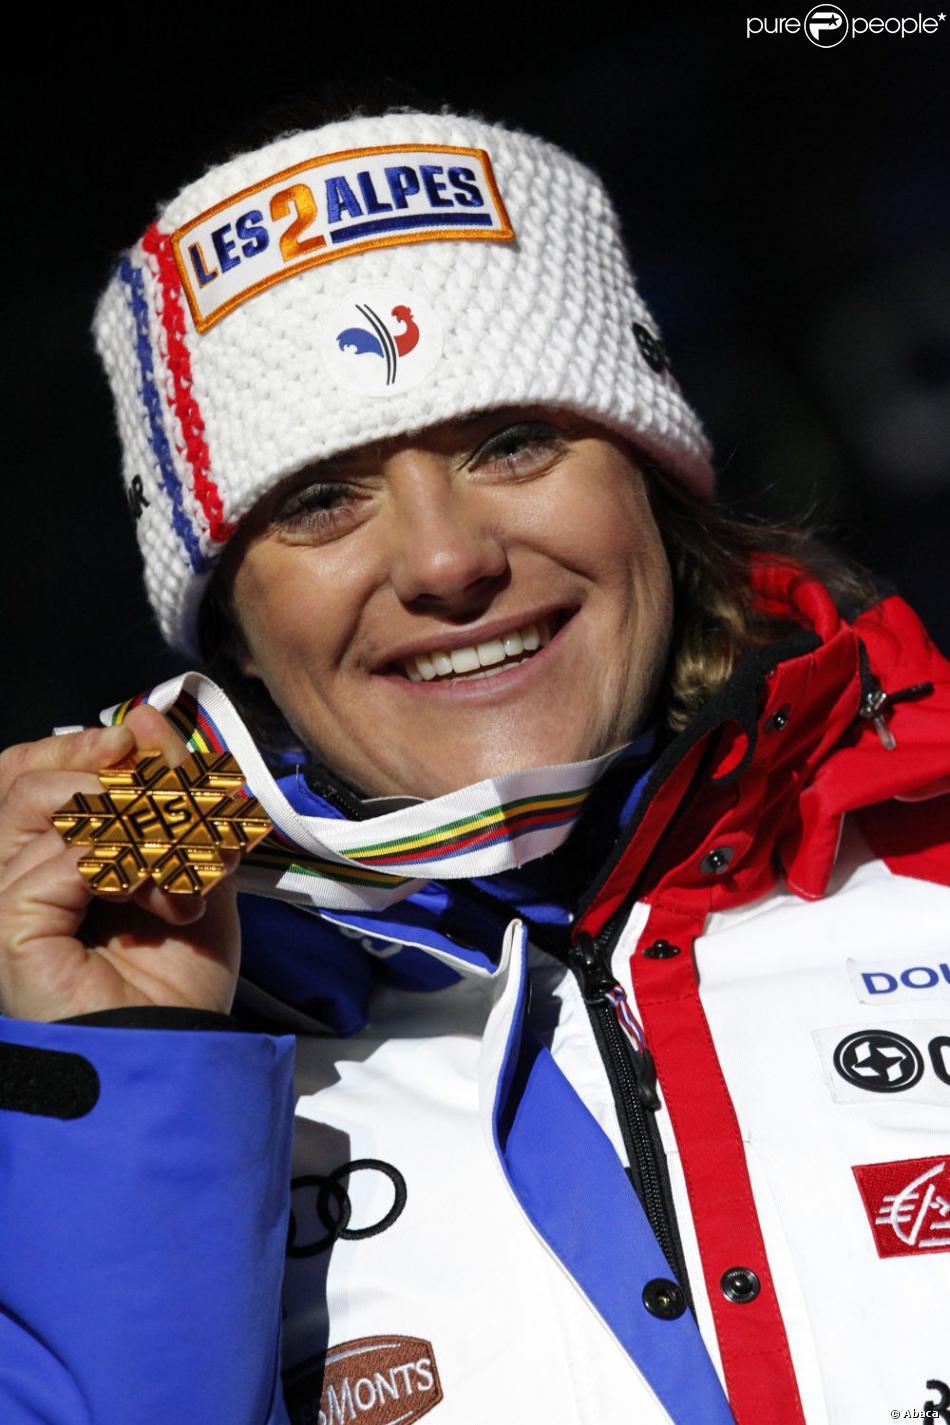 Marion Rolland lors de la remise des médailles après être devenue championne du monde de descente à Schladming en Autriche le 10 février 2013. - 1049168-marion-rolland-of-france-wins-the-gold-950x0-2